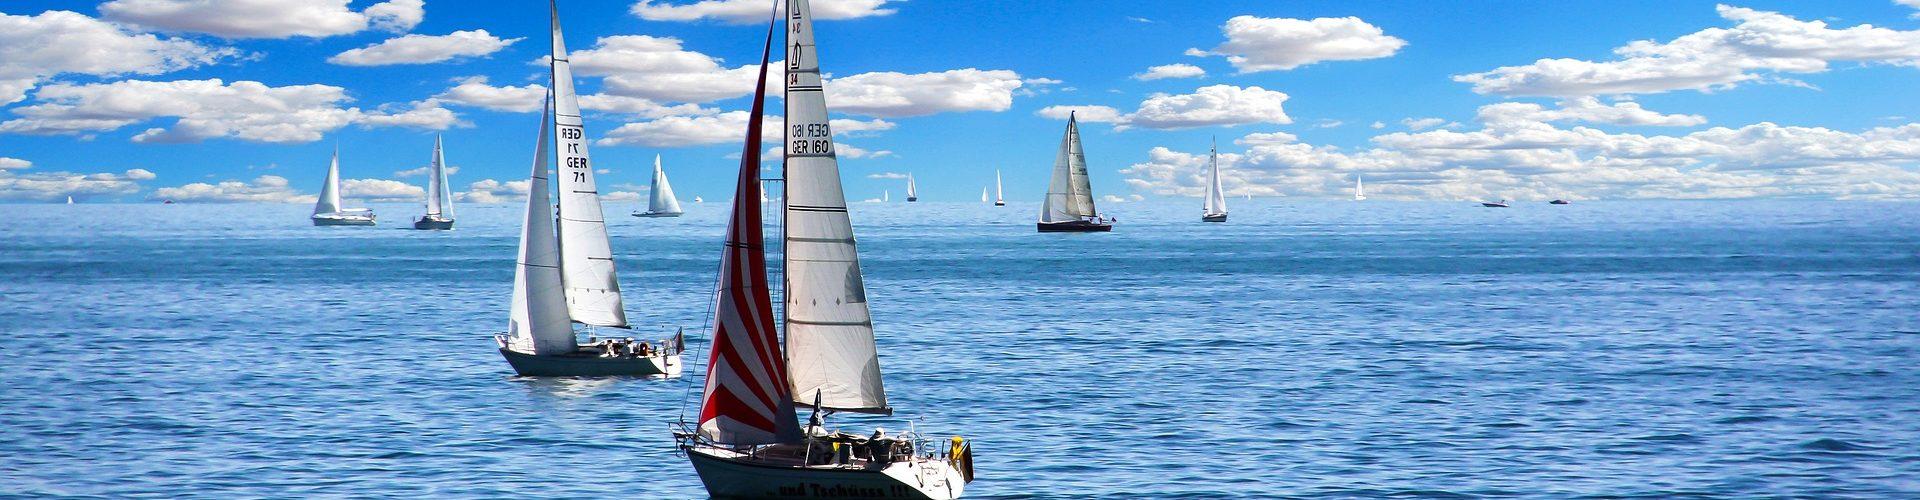 segeln lernen in Mellensee segelschein machen in Mellensee 1920x500 - Segeln lernen in Mellensee